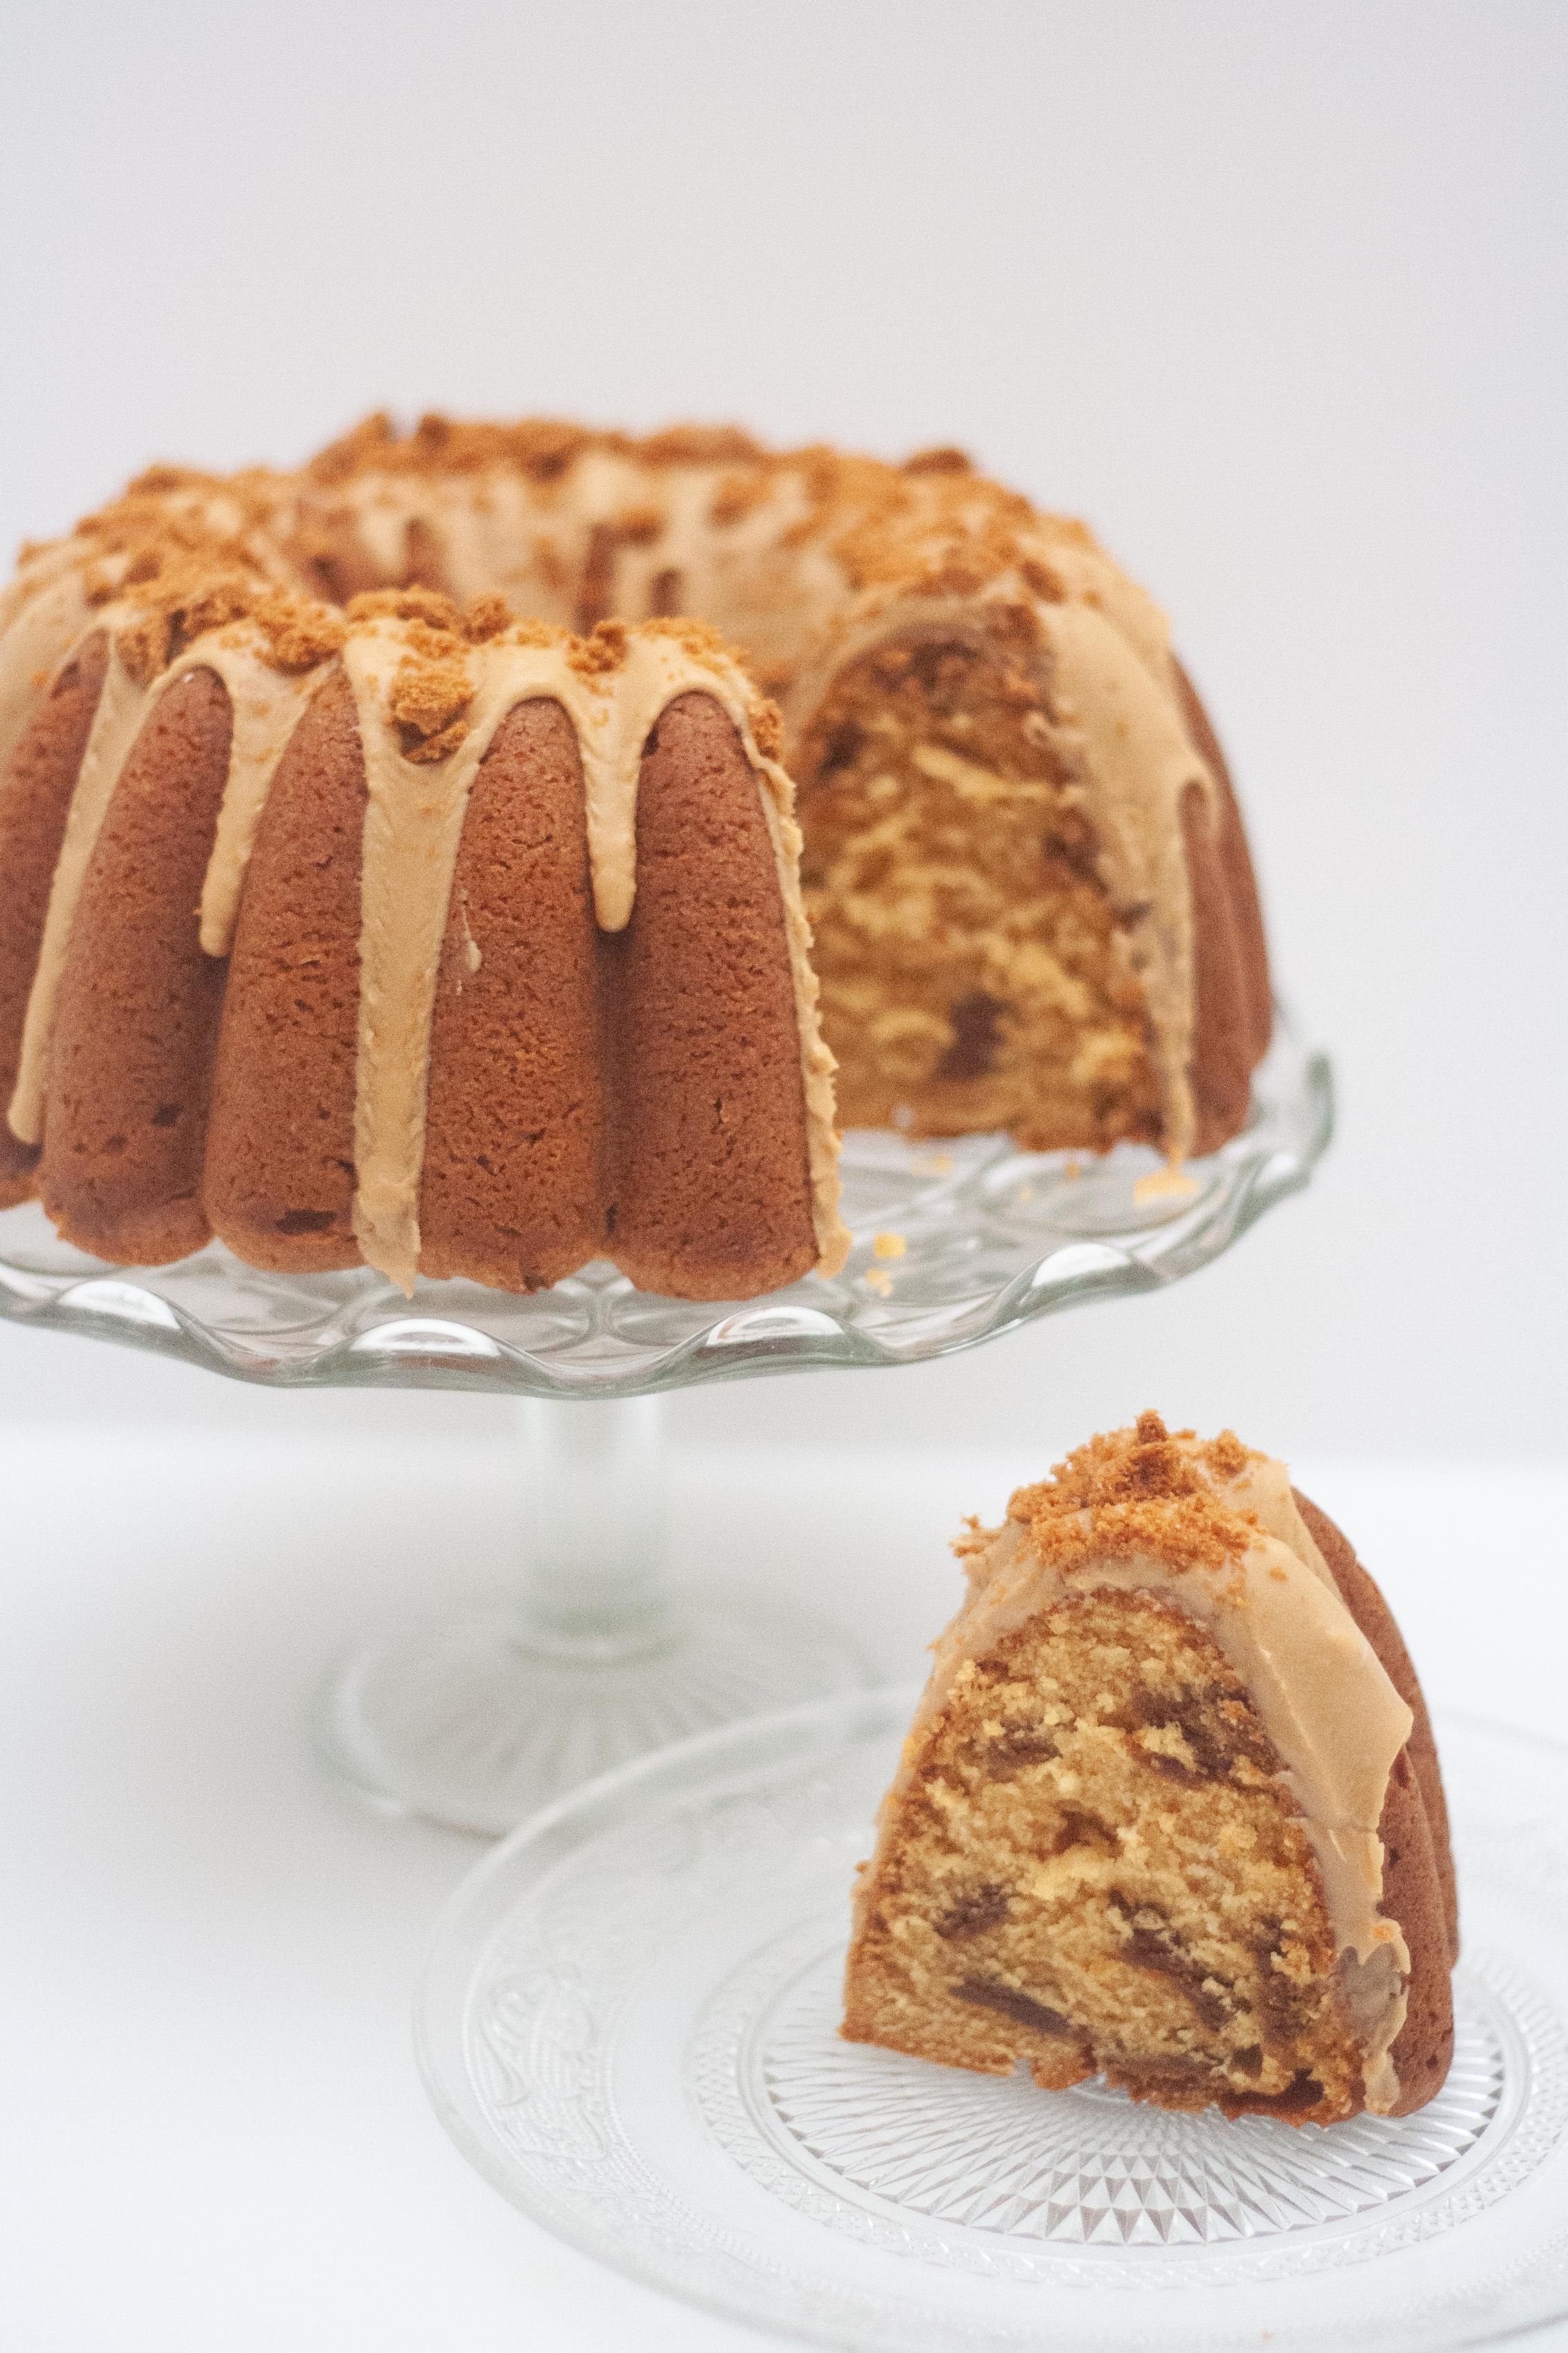 Biscoff bundt cake